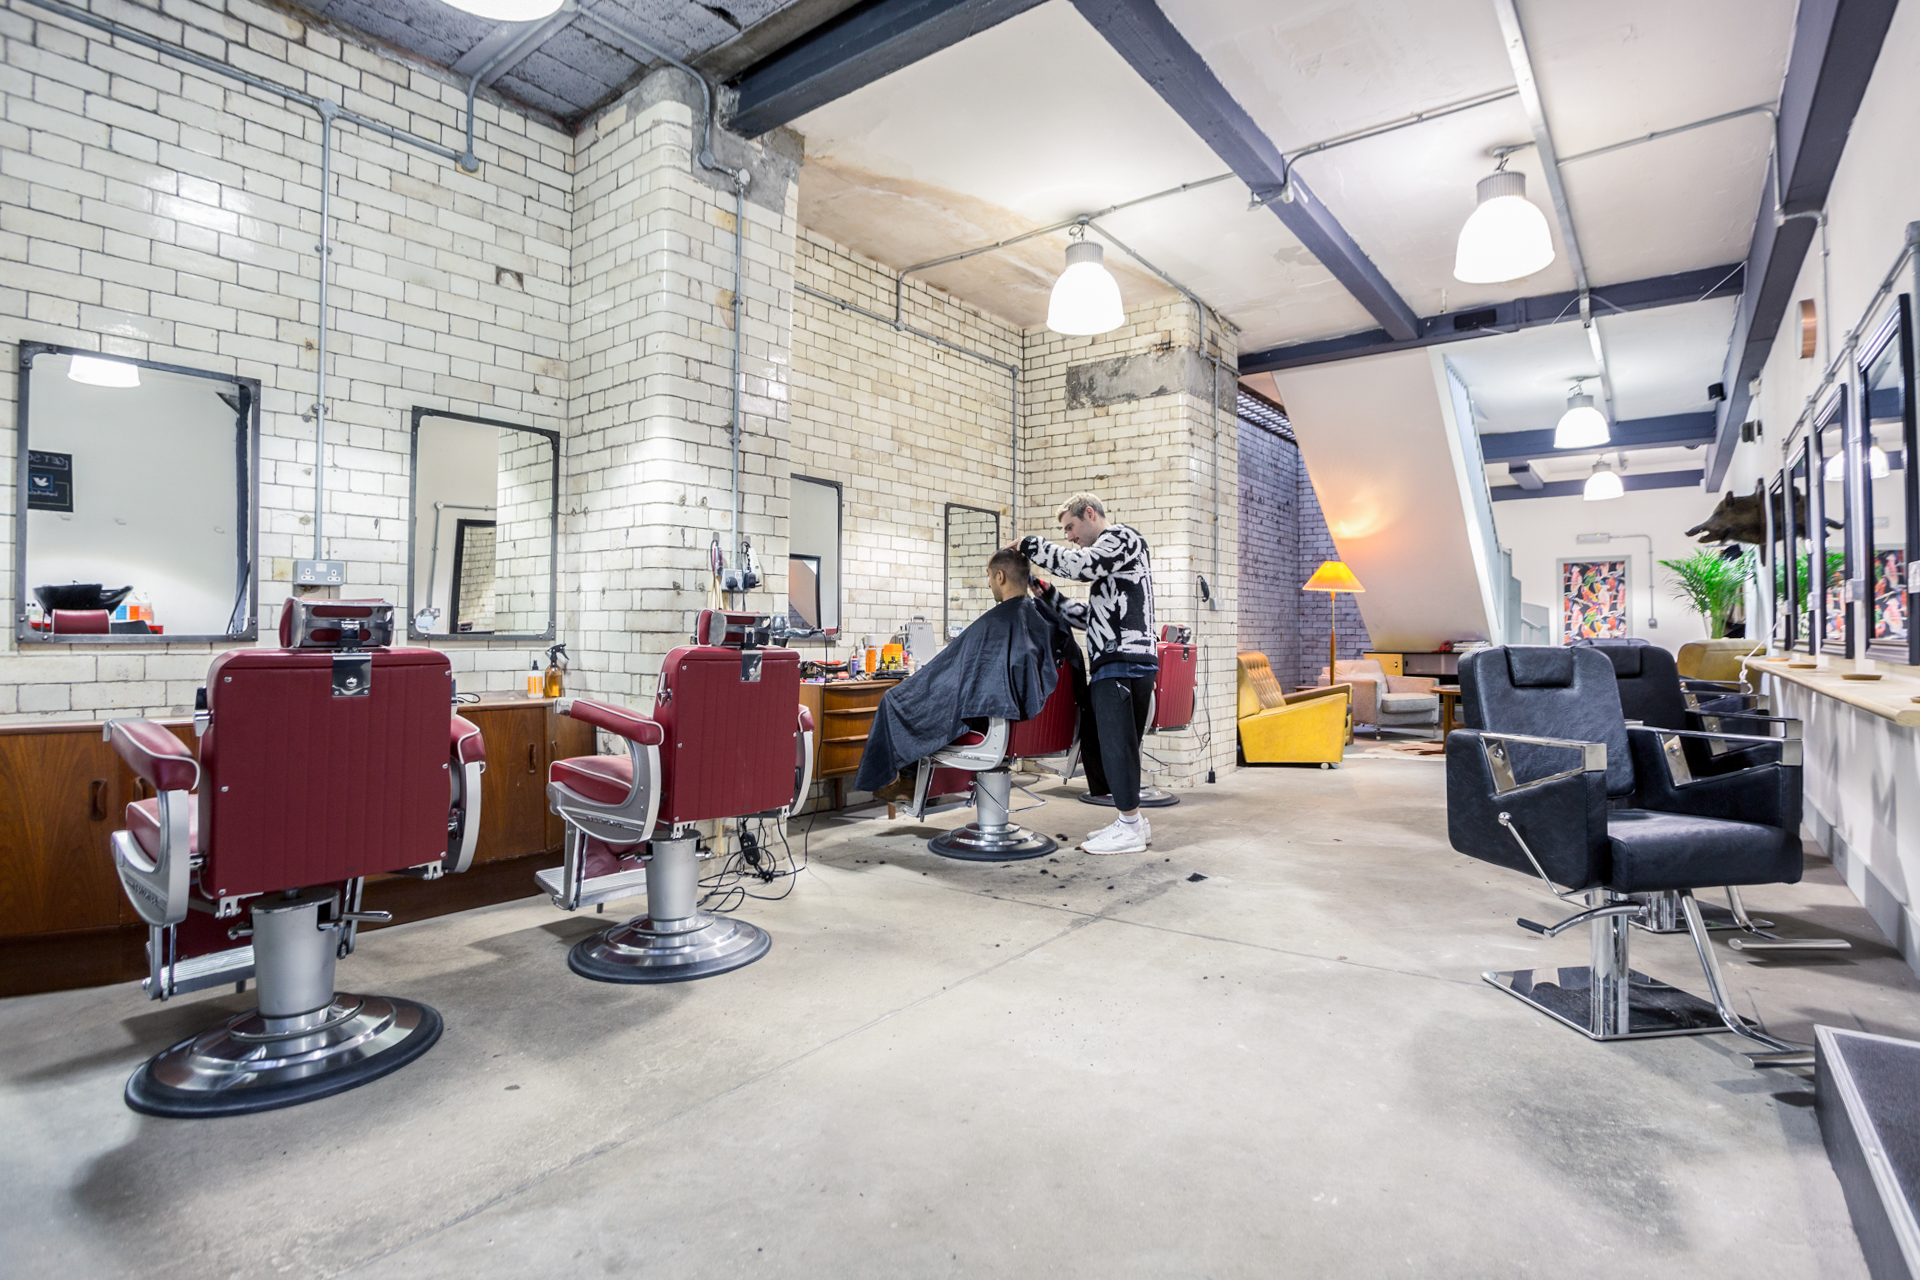 Barber_Below_UKD_4_xxxxxx.jpg